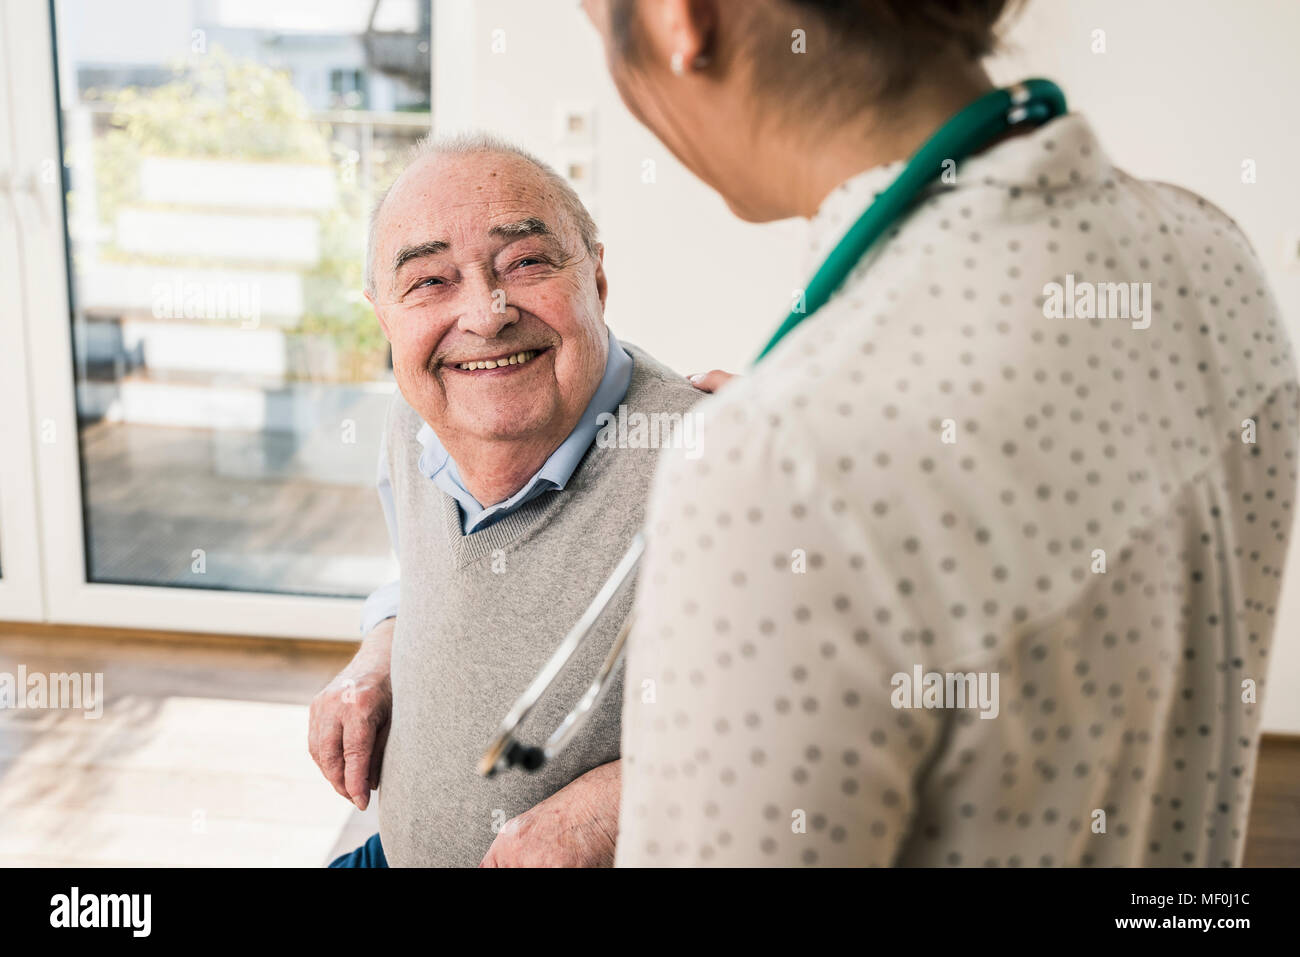 Hombre sonriendo senior en enfermera en casa Imagen De Stock